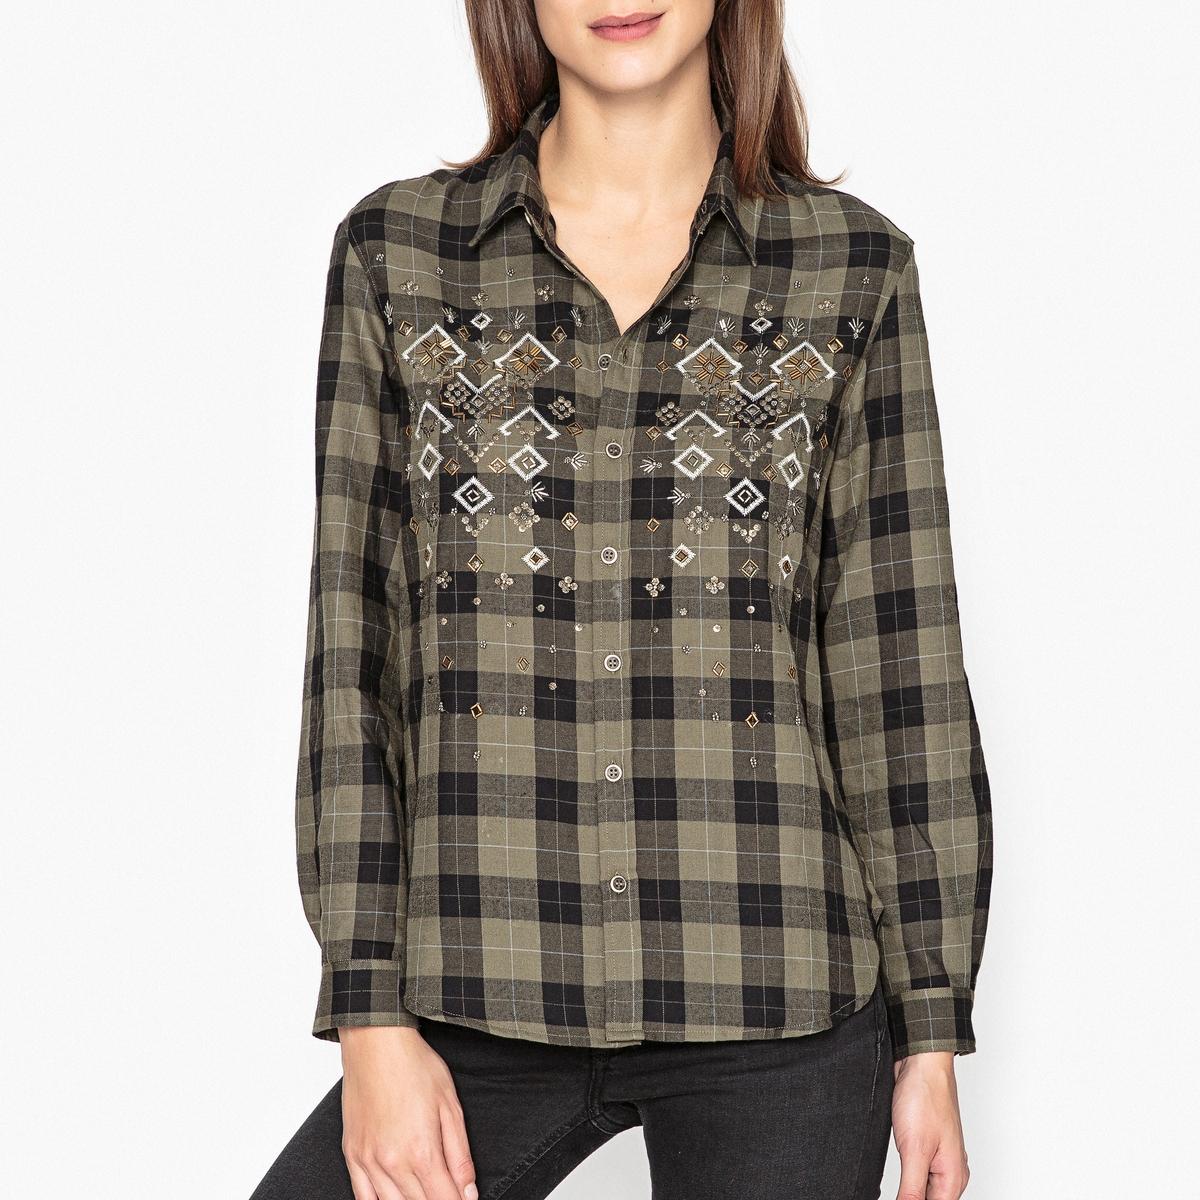 Рубашка в клетку с бисером и вышивкой вышивка бисером молящийся христос